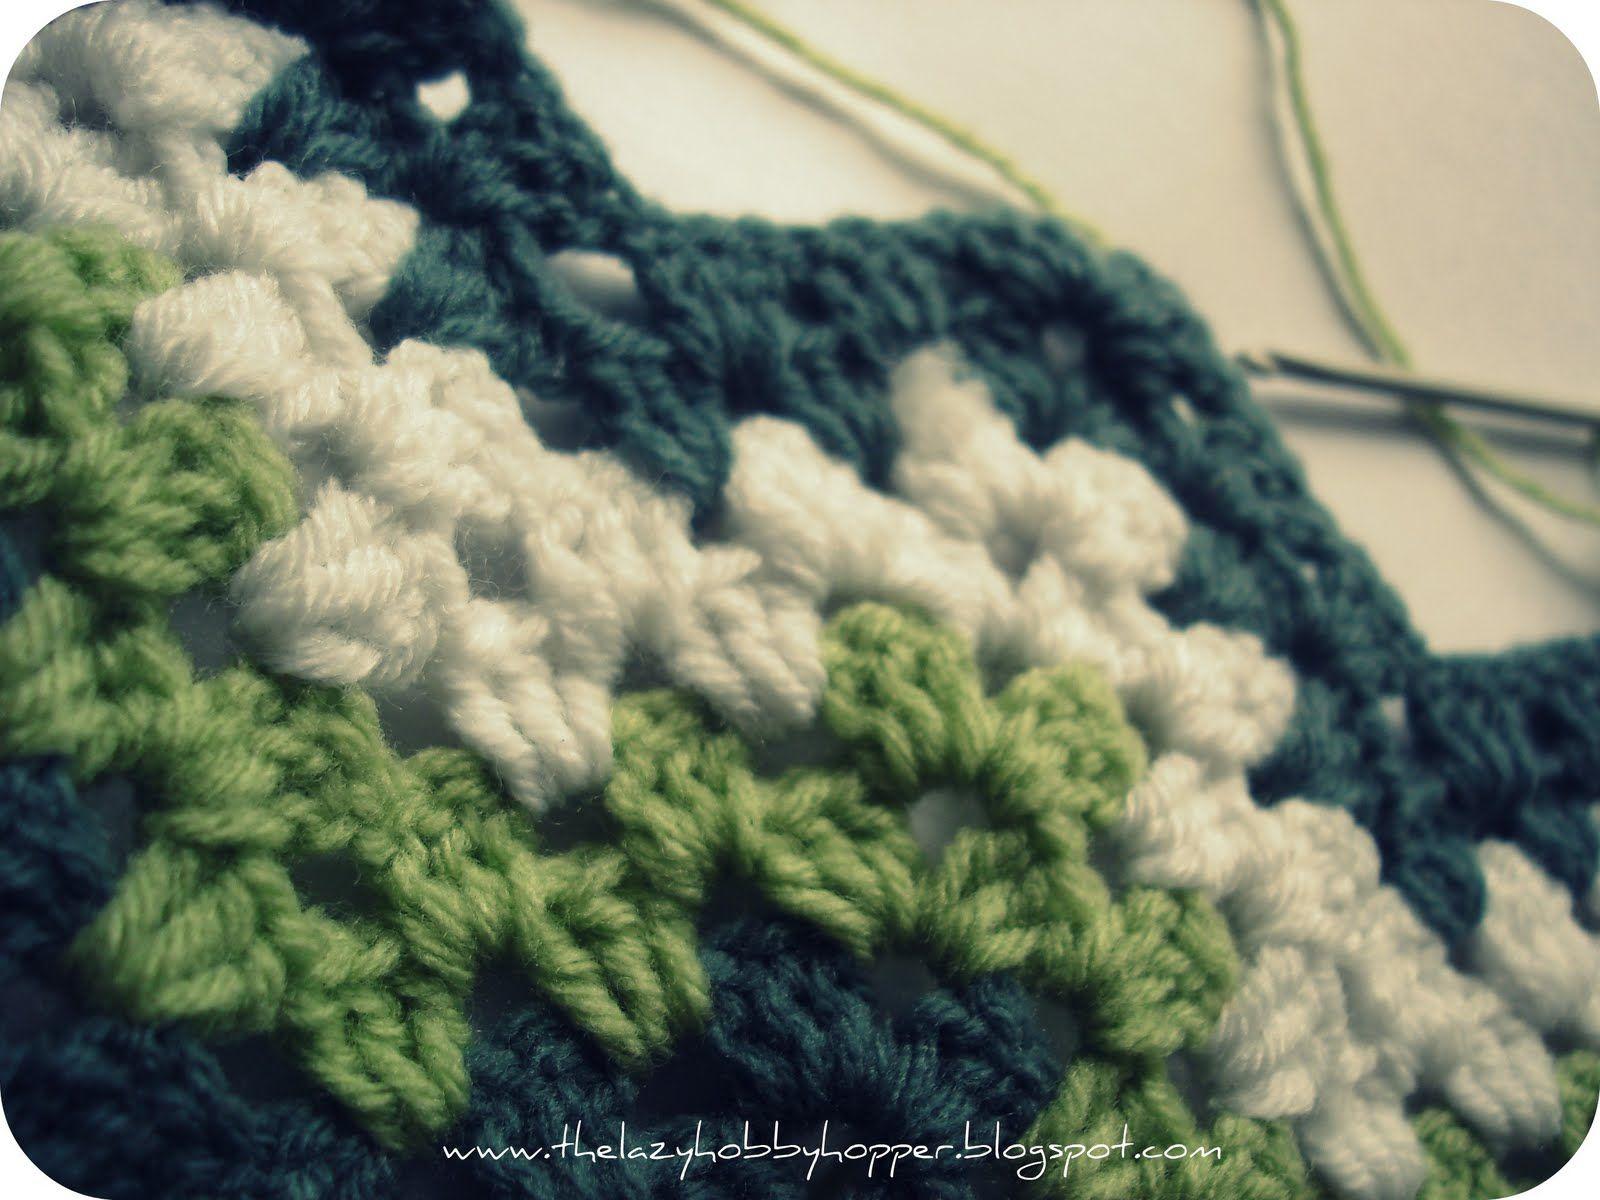 The Lazy Hobbyhopper: How to crochet granny ripple | Yarn: Tips ...